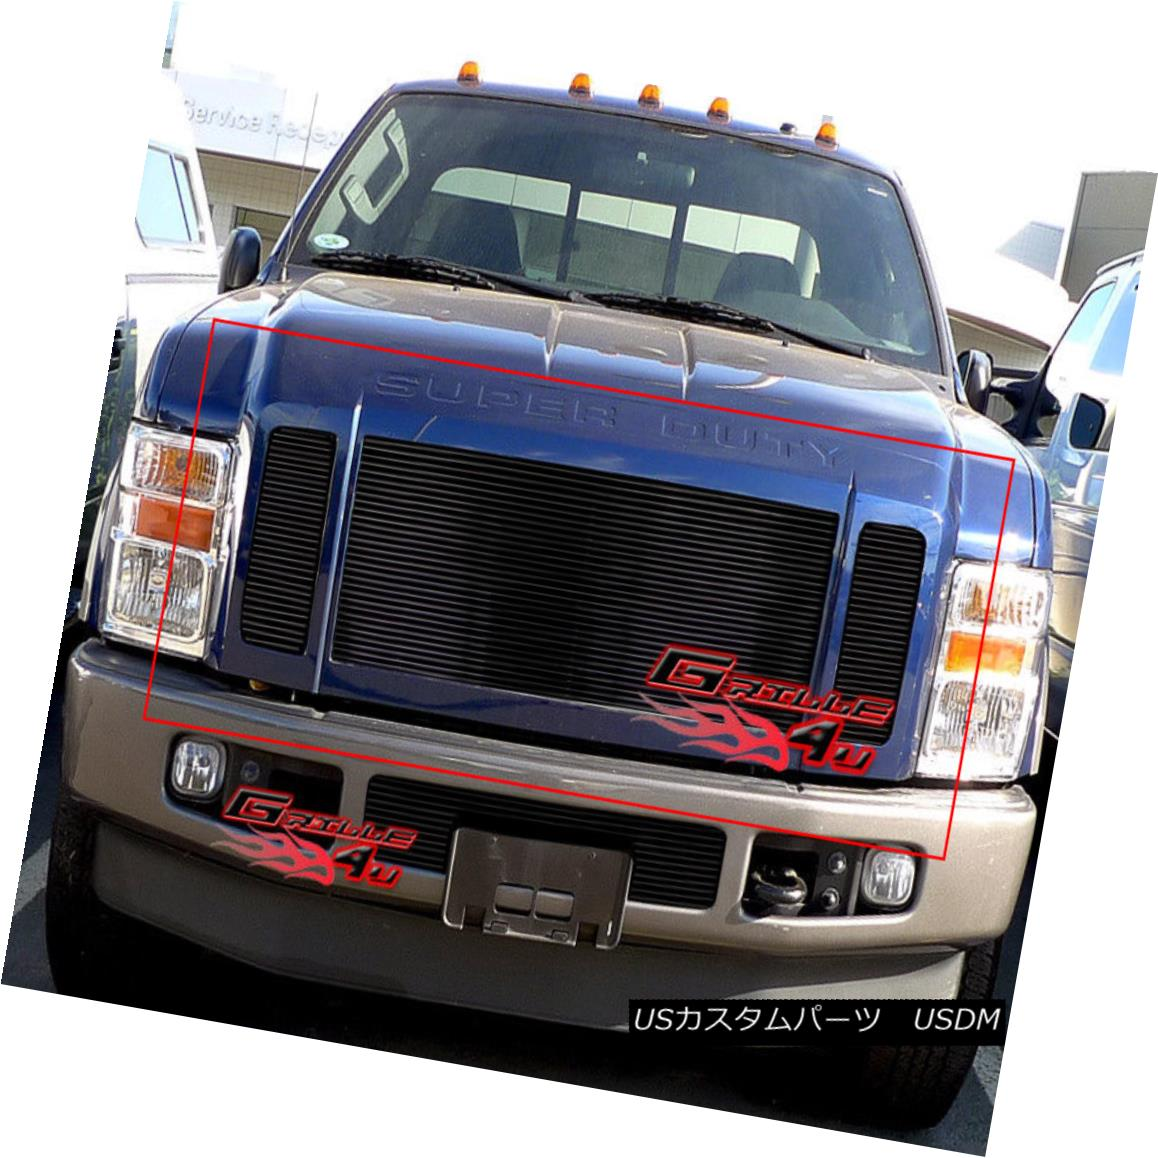 グリル For 08-10 Ford F250/F350/F450 Black Billet Grille Insert 08-10フォードF250 / F350 / F450ブラックビレットグリルインサート用